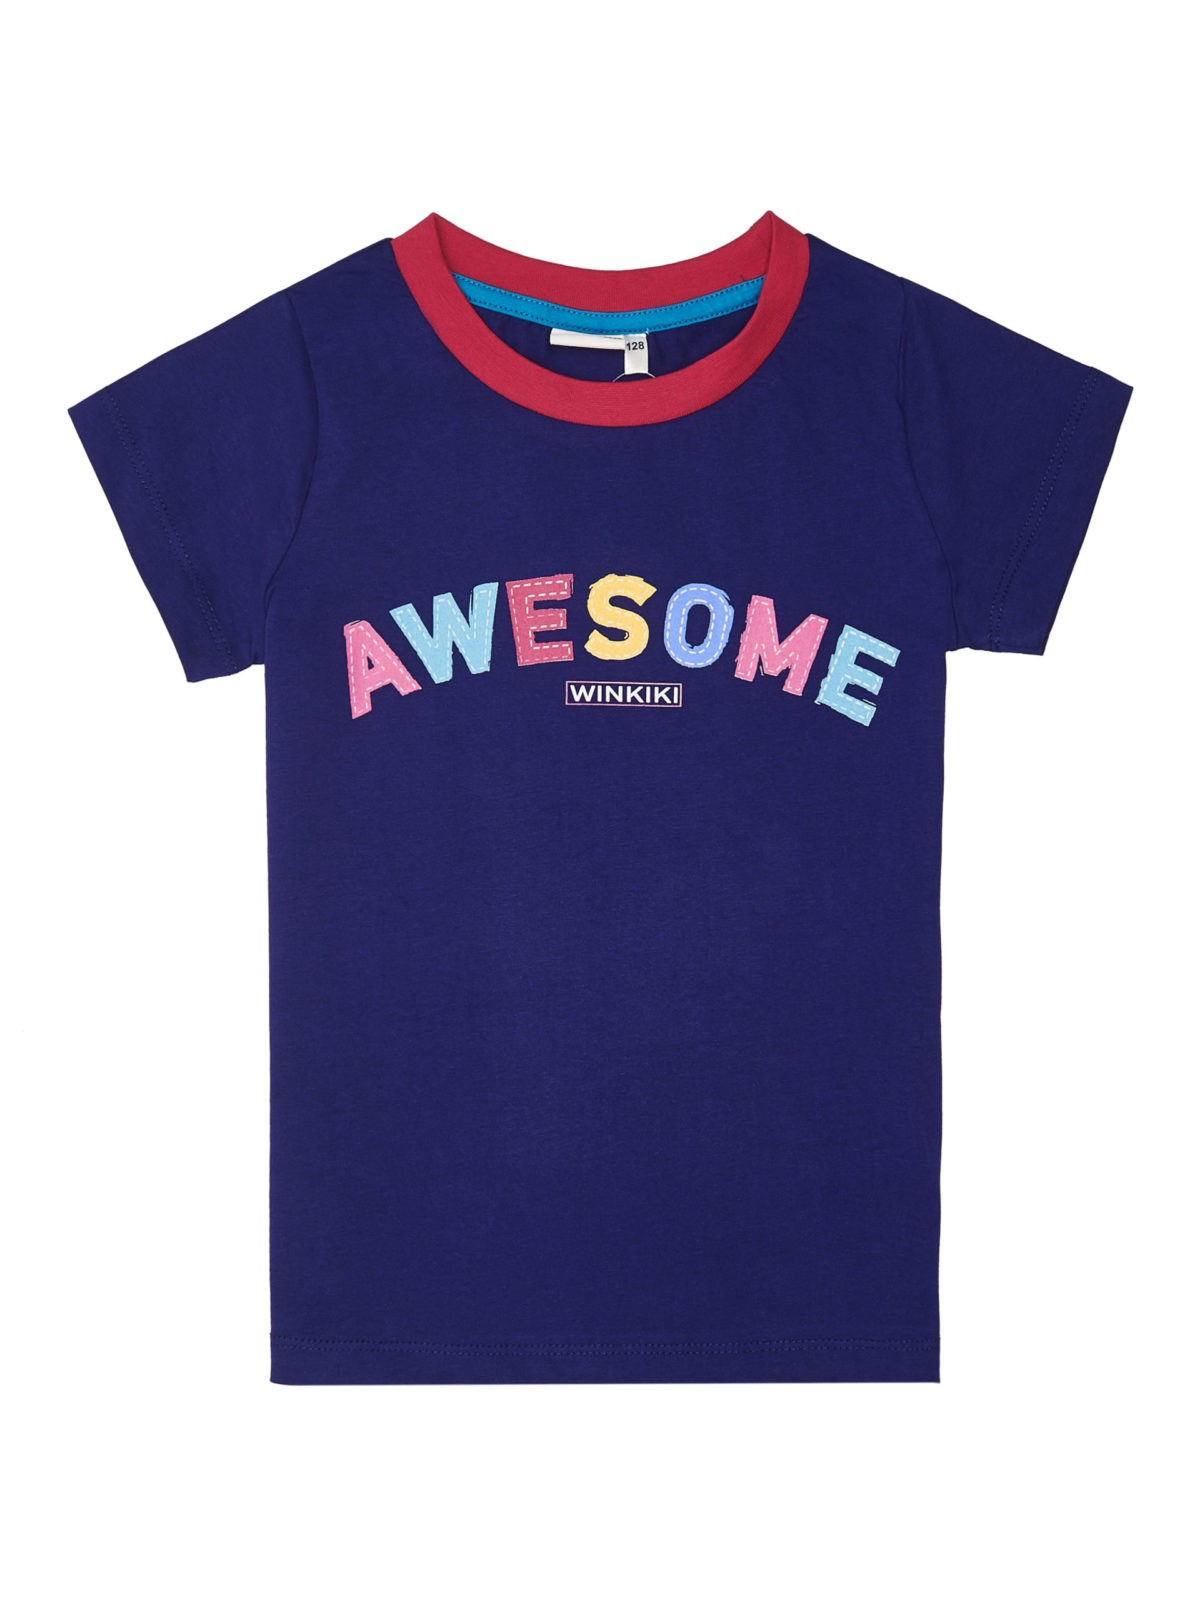 Dívčí pyžamo Awesome Navy/Malinová